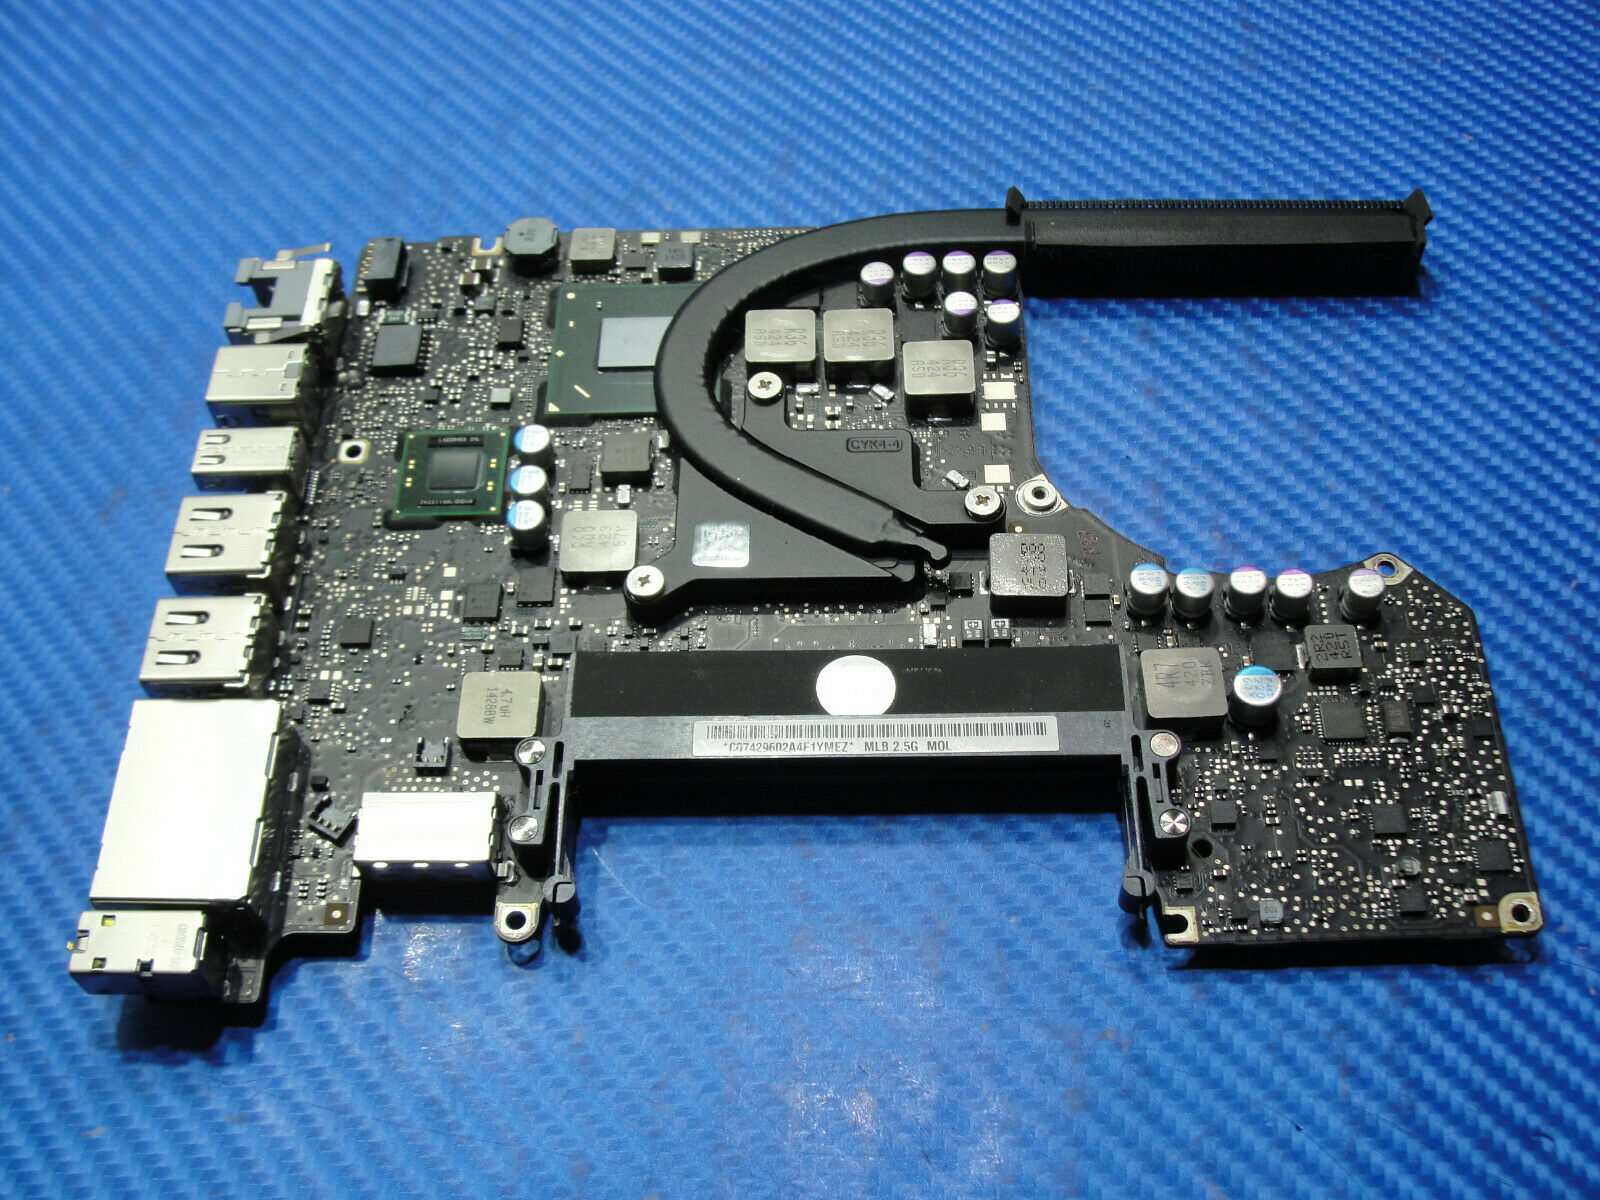 MacBook Pro A1278 13 Mid 2012 MD101LL/A I5-3210M 2.5GHz Logic Board 820-3115-B  - $199.77